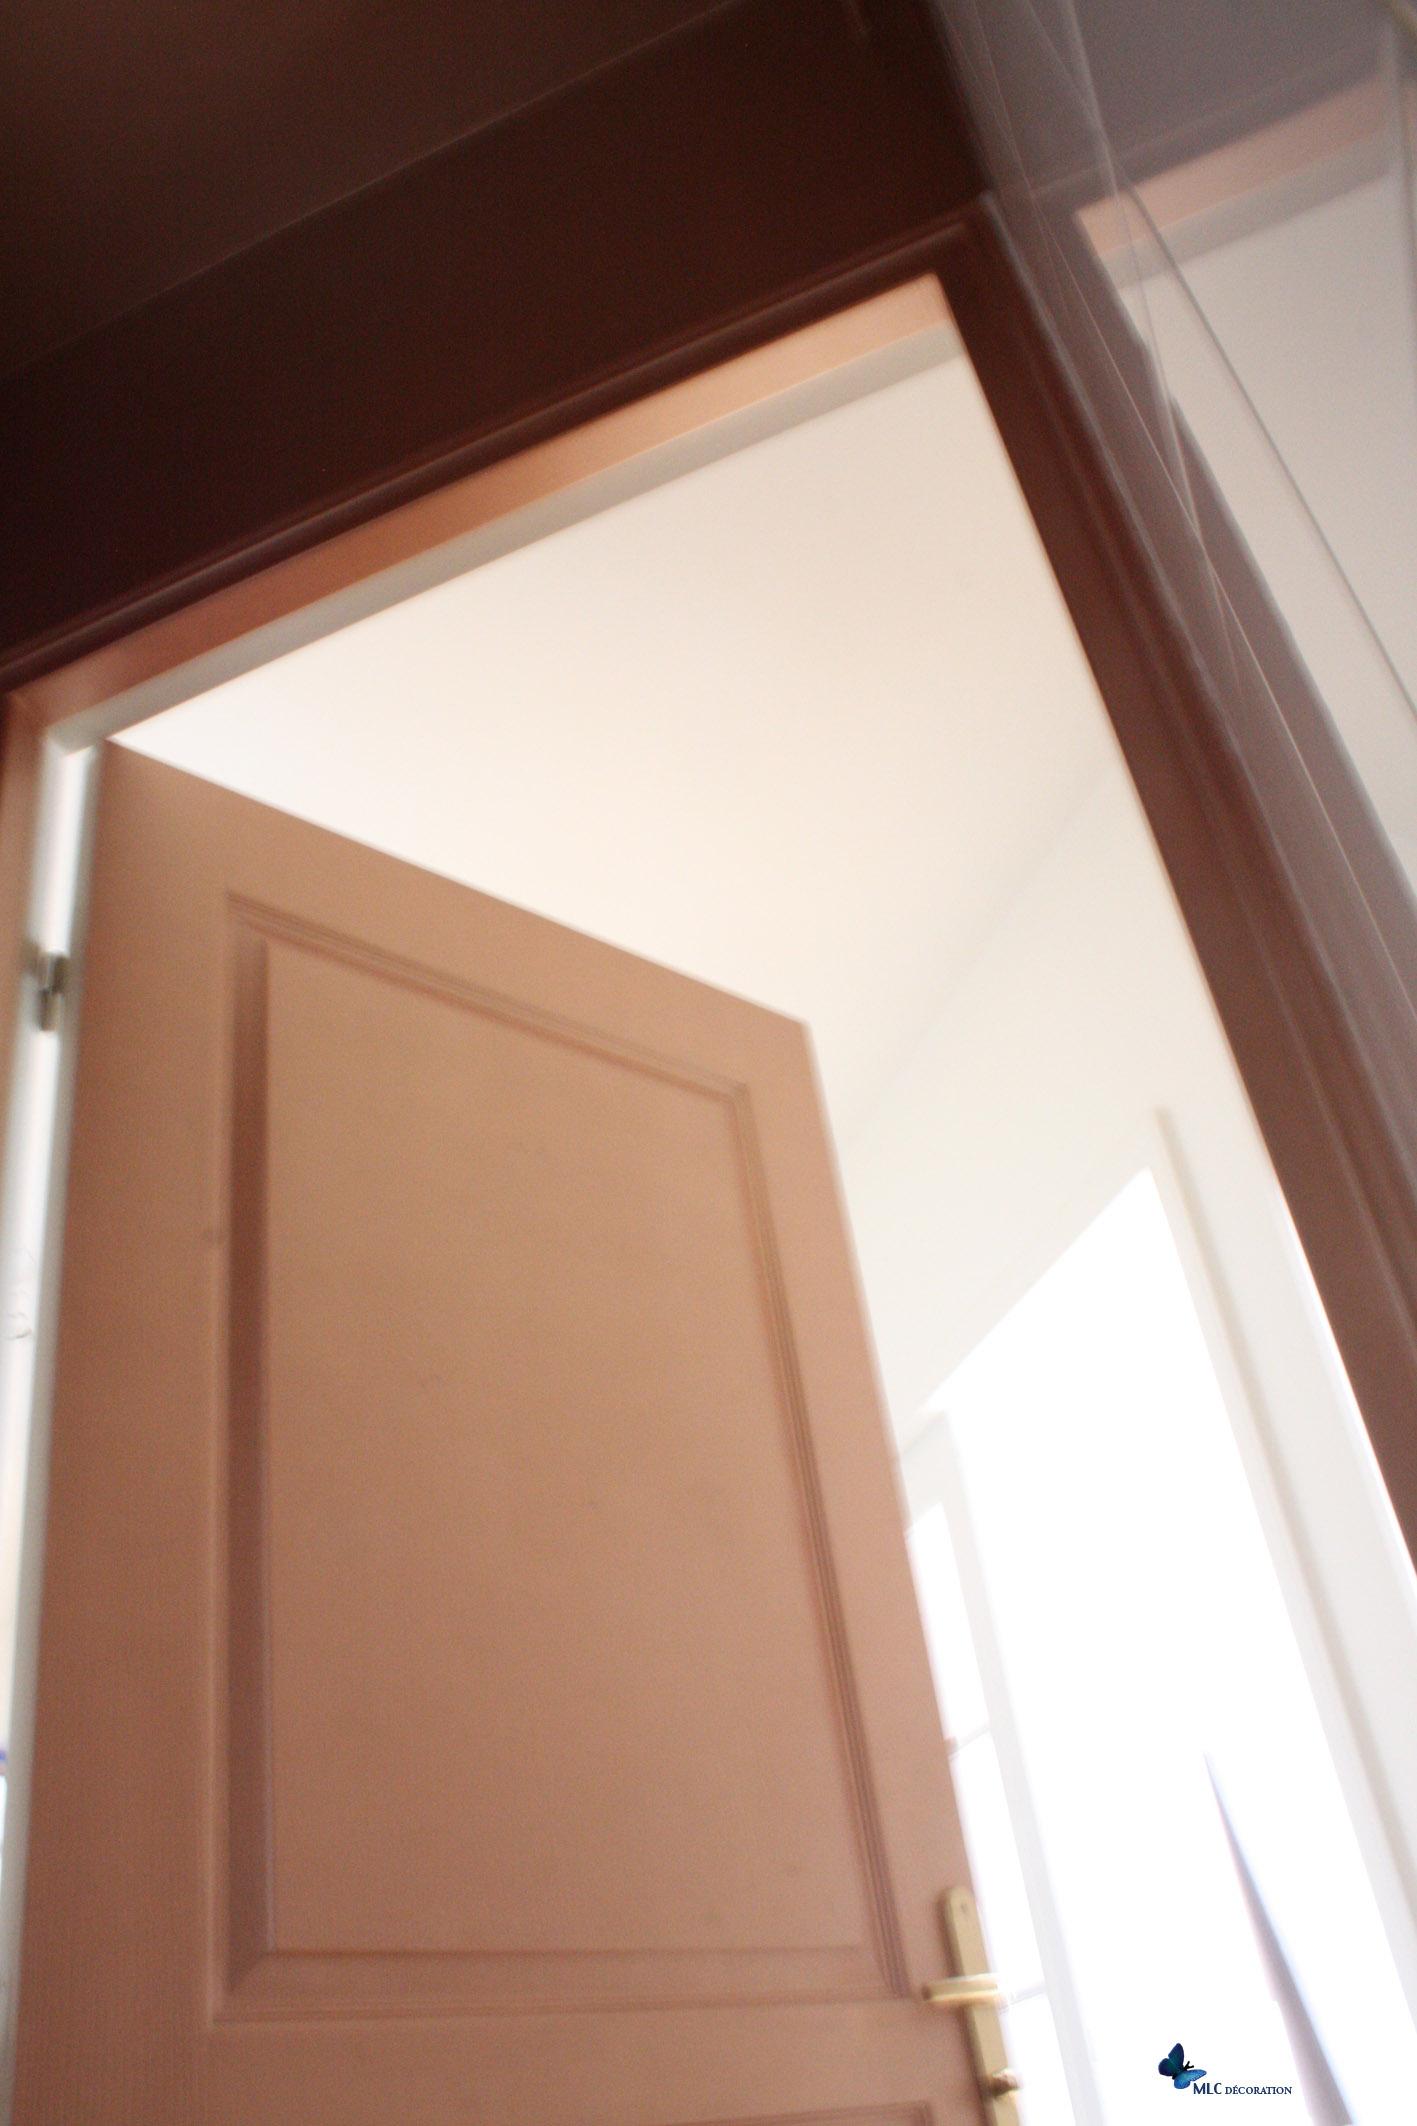 Mur couleur cuivre id e inspirante pour la for Peinture doree pour mur